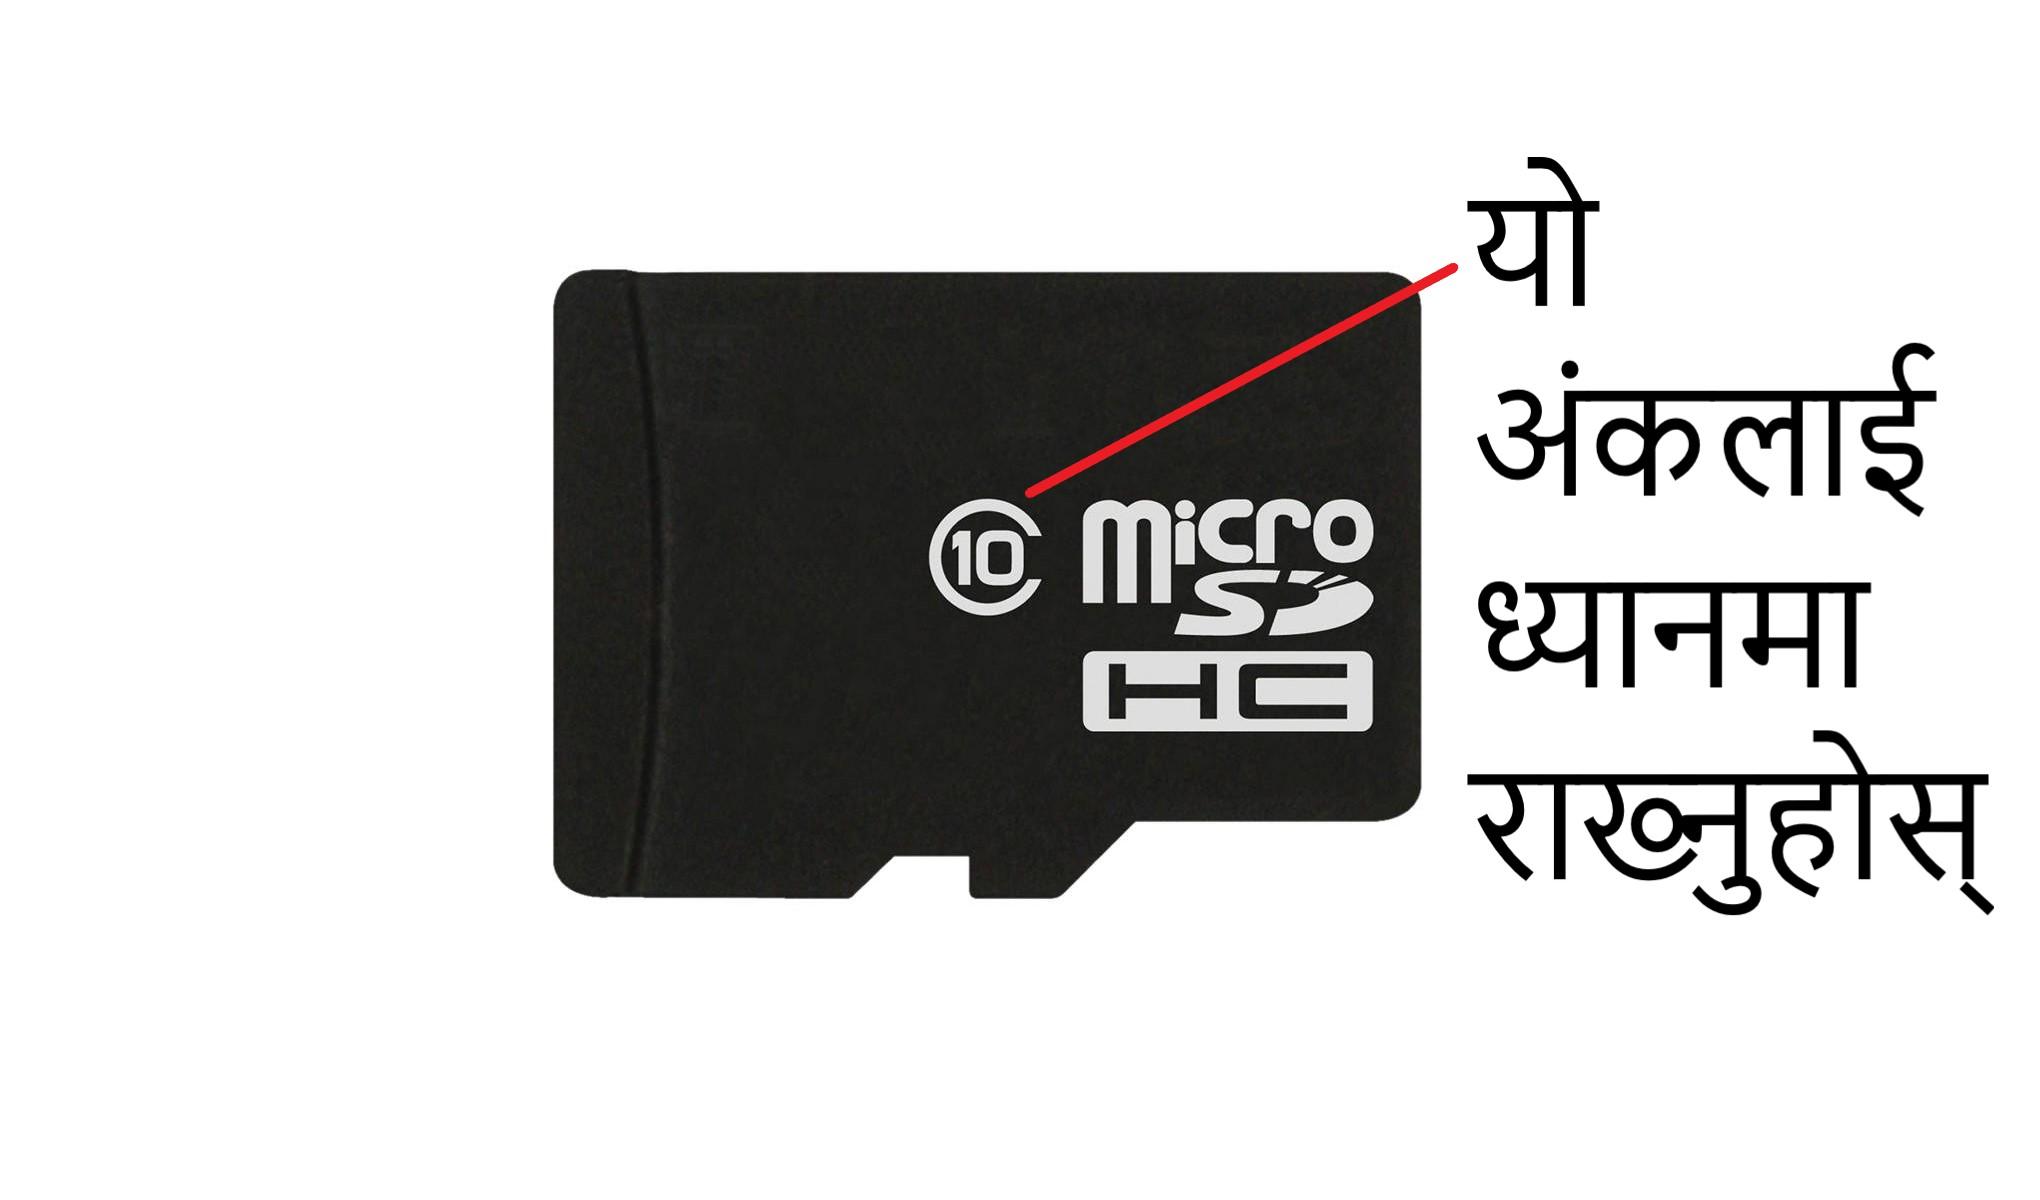 मेमोरी कार्ड किन्दा यो कुरामा विशेष ध्यान दिनुहोस्